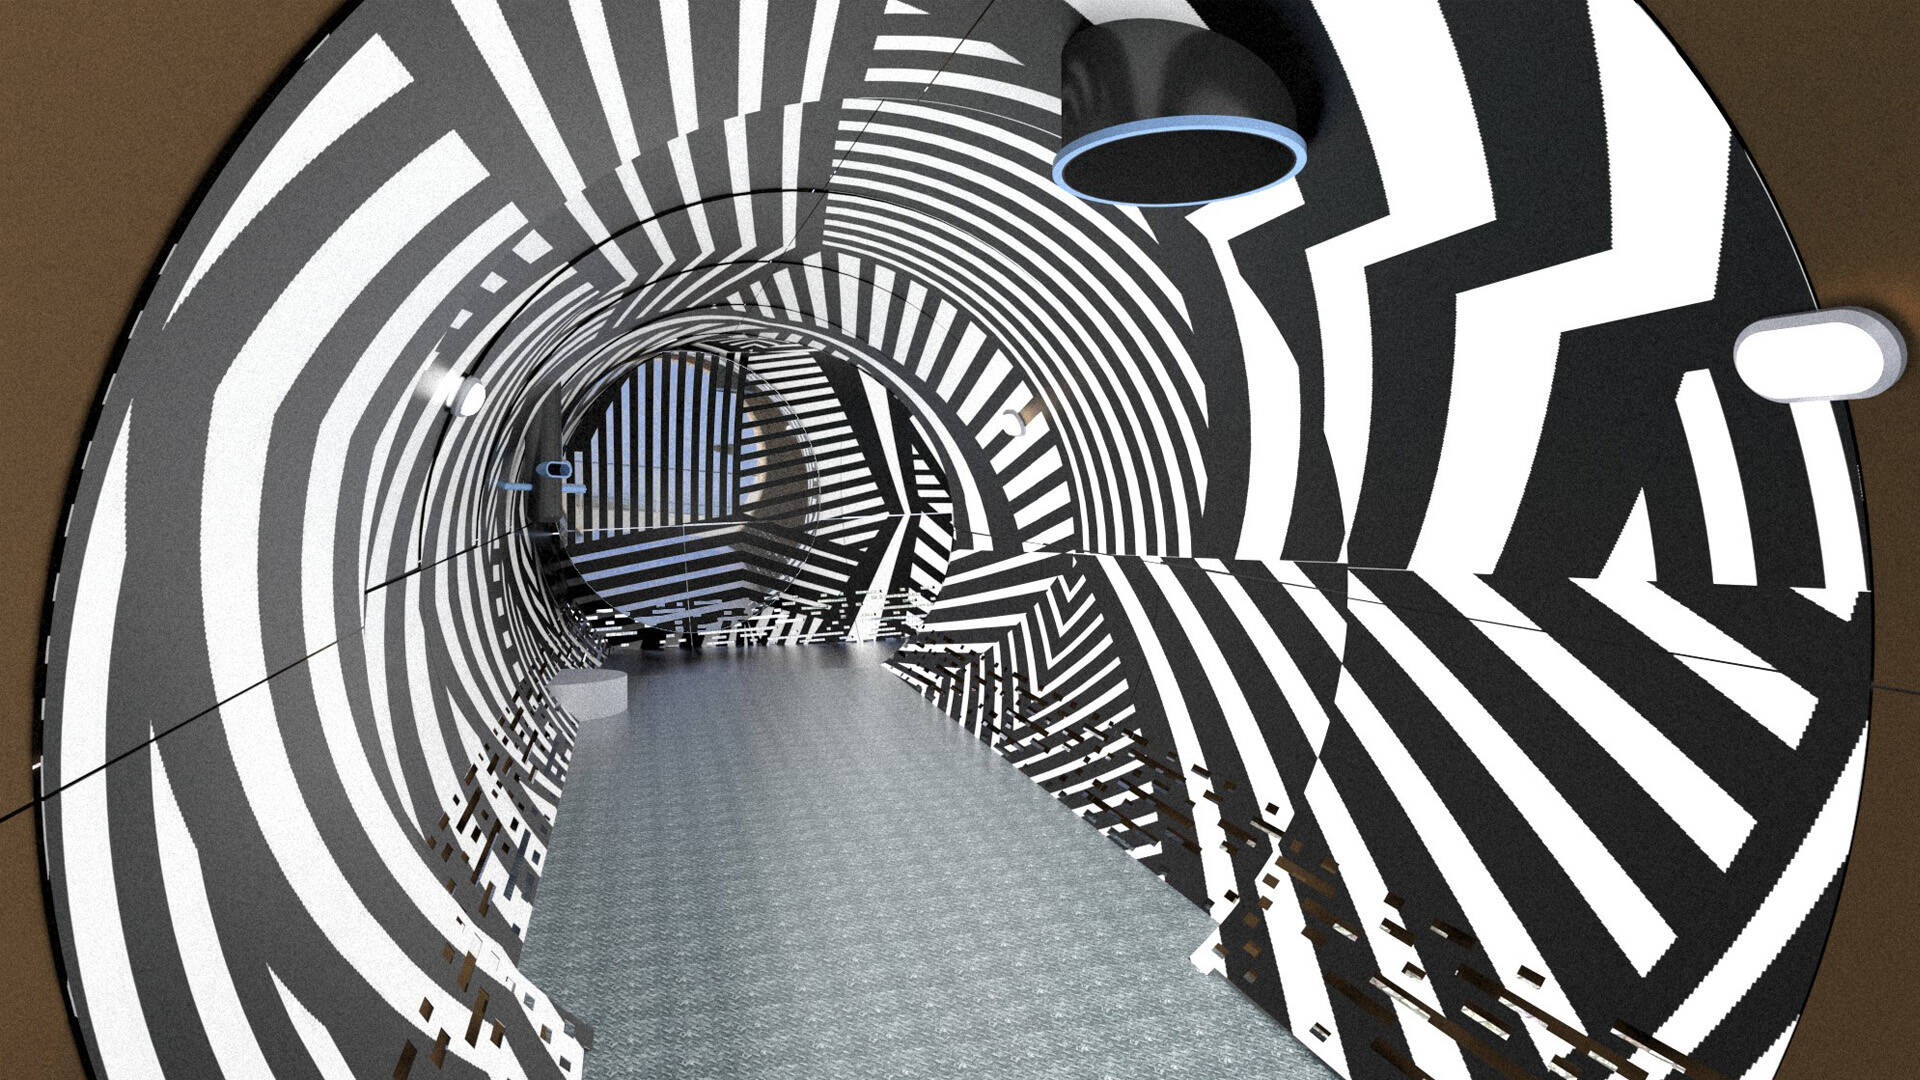 L'intérieur du périscope© CRP Design Global